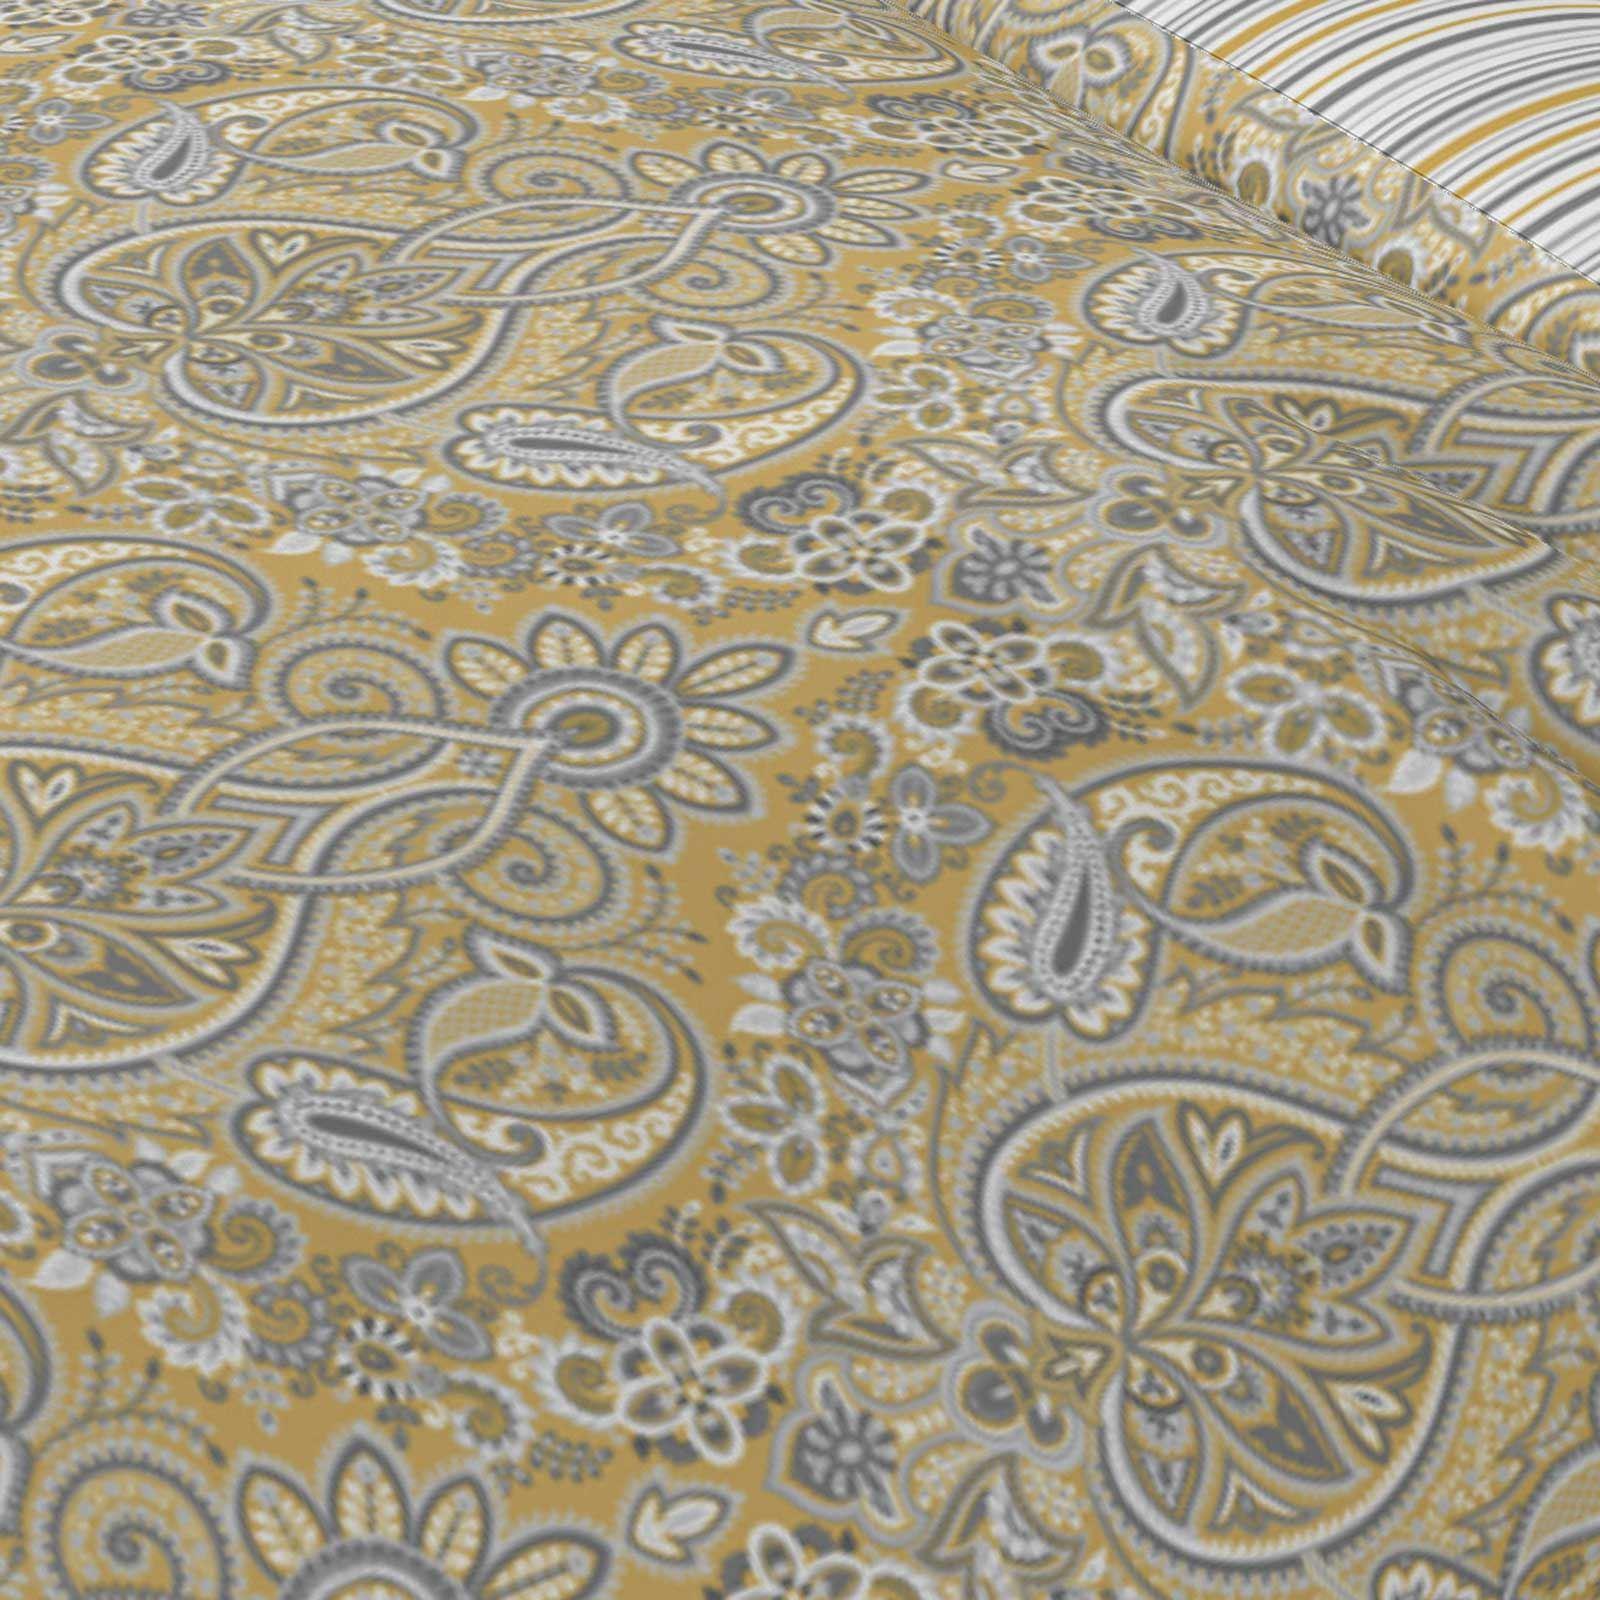 Mostaza-amarillo-ocre-Funda-de-edredon-impreso-Edredon-juego-ropa-de-cama-cubre-conjuntos miniatura 41